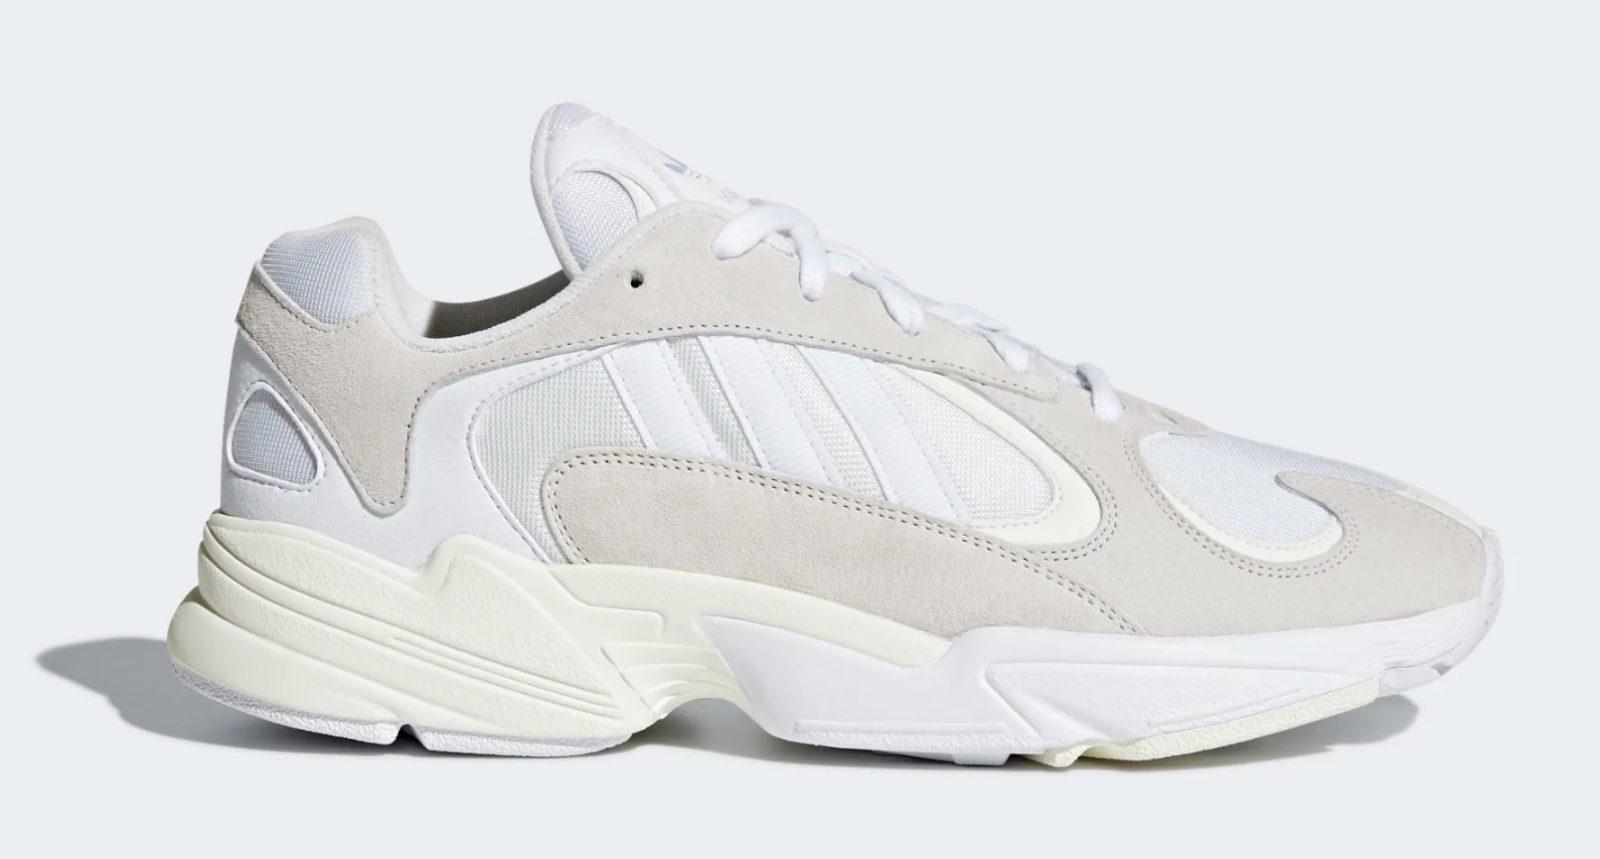 adidas Yung 1 Triple White